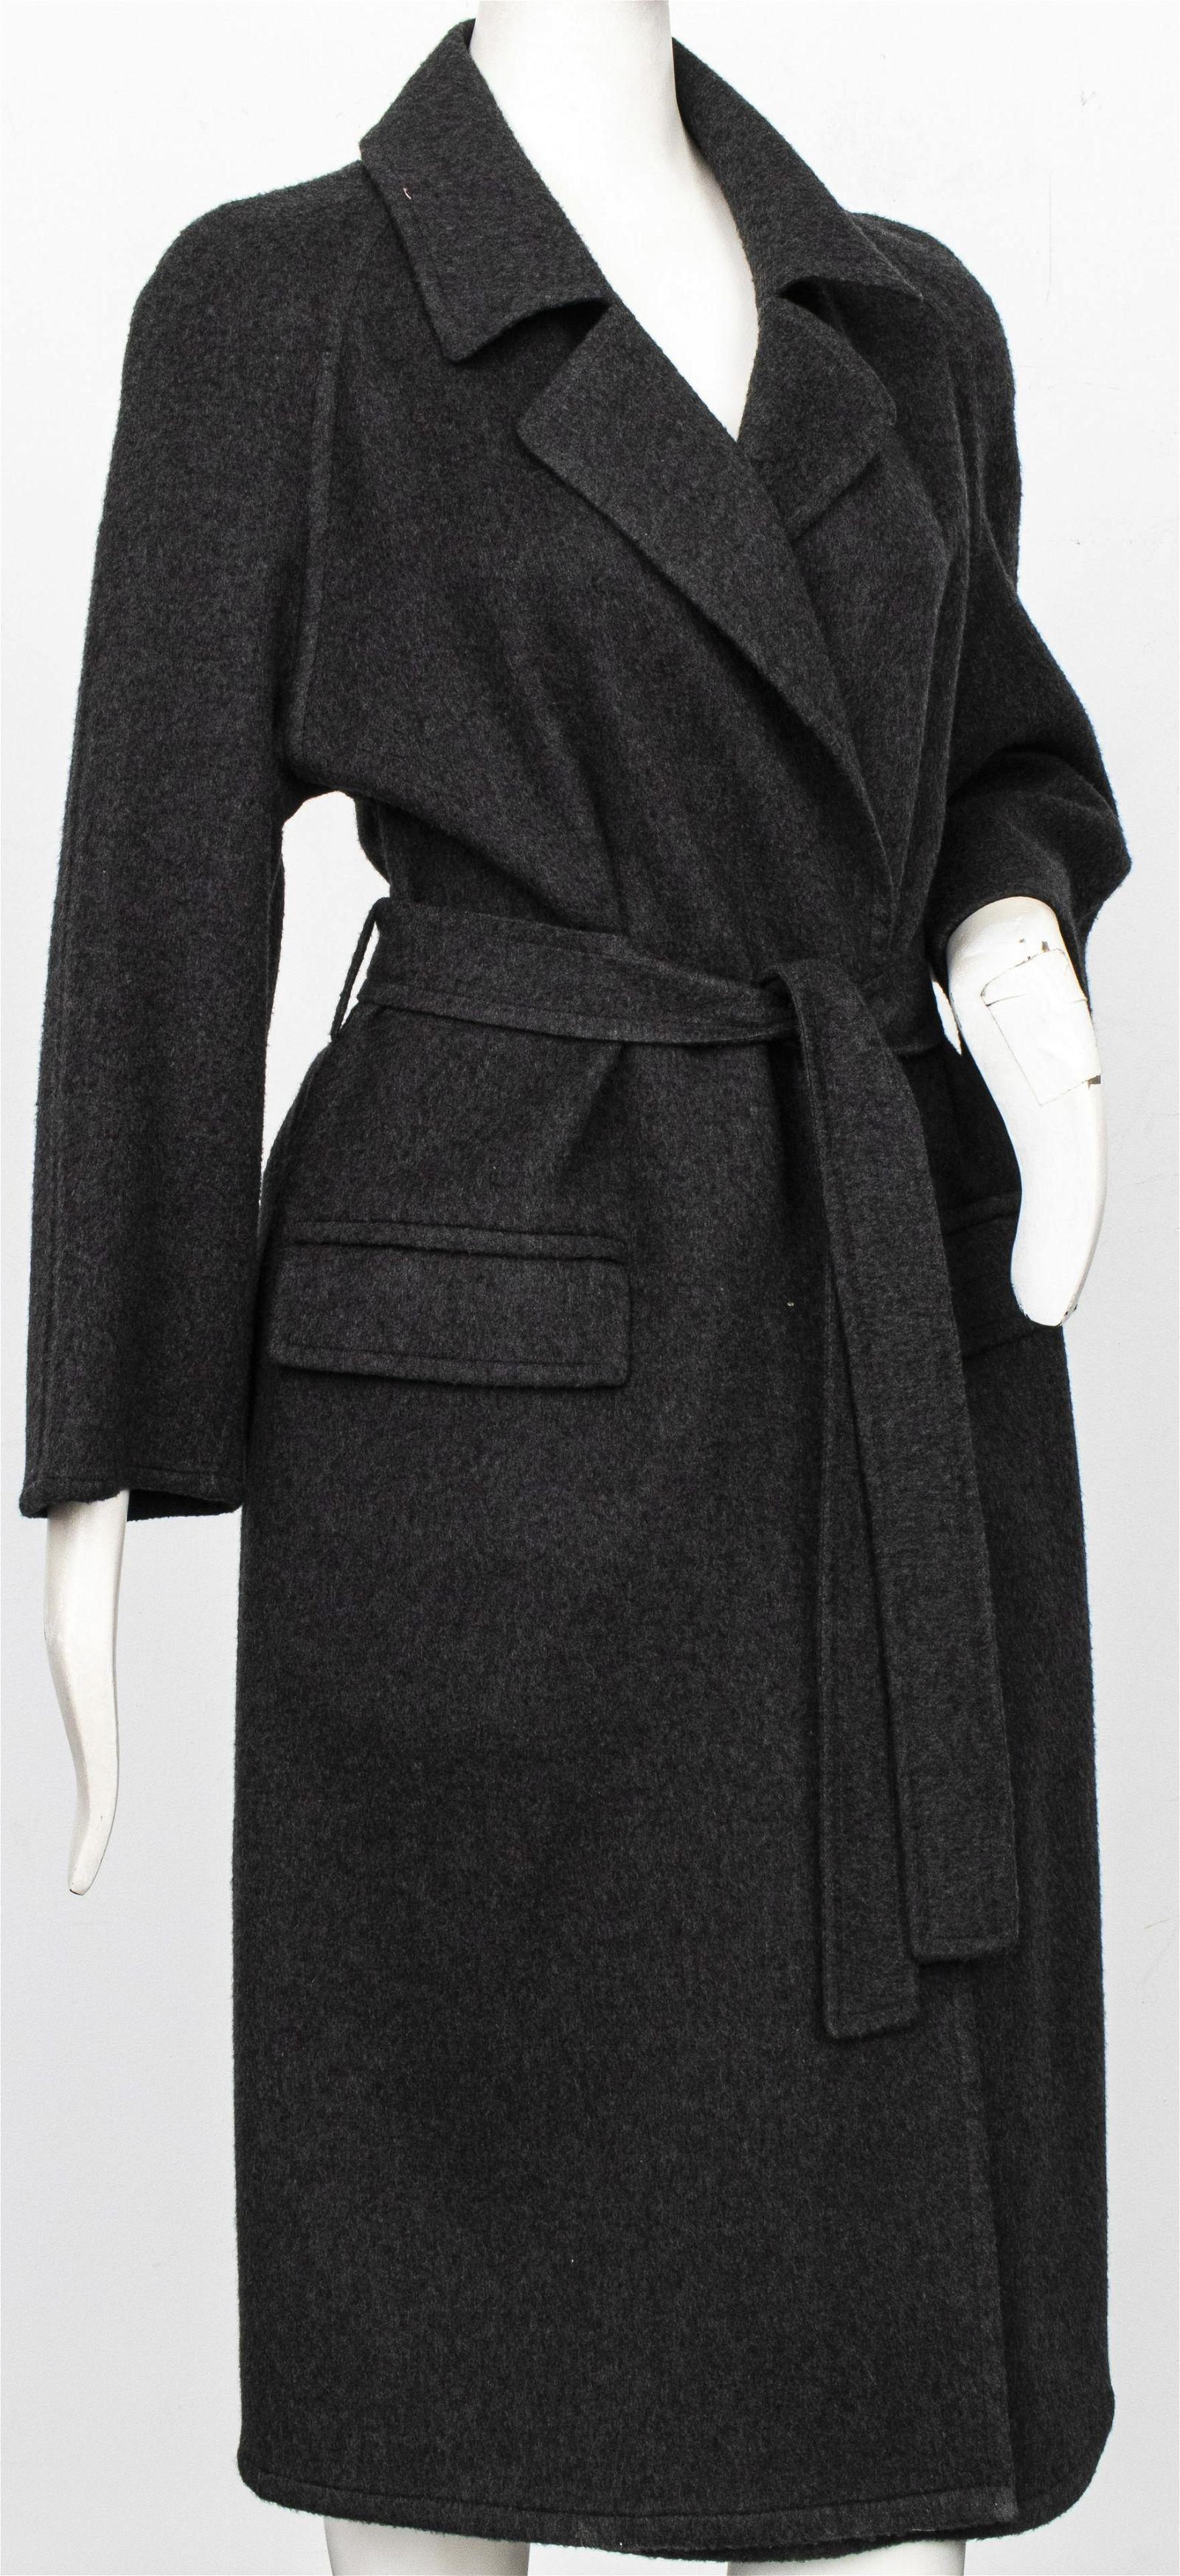 Hermes Paris Grey Cashmere Women's Coat, Size 38